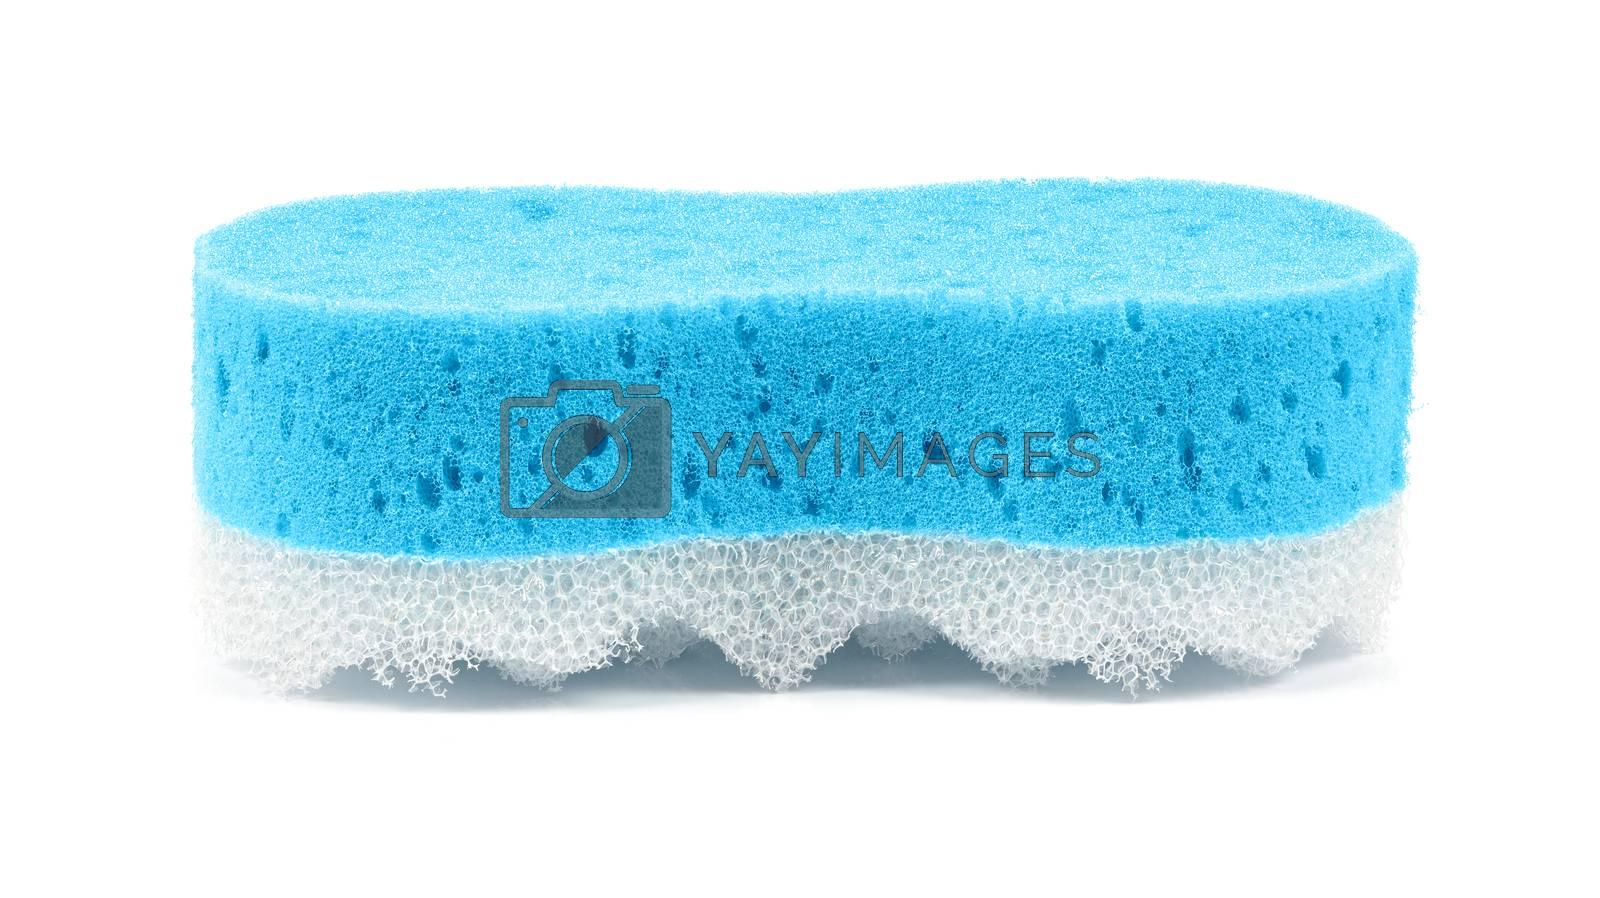 Blue bath massage sponge isolated on white background